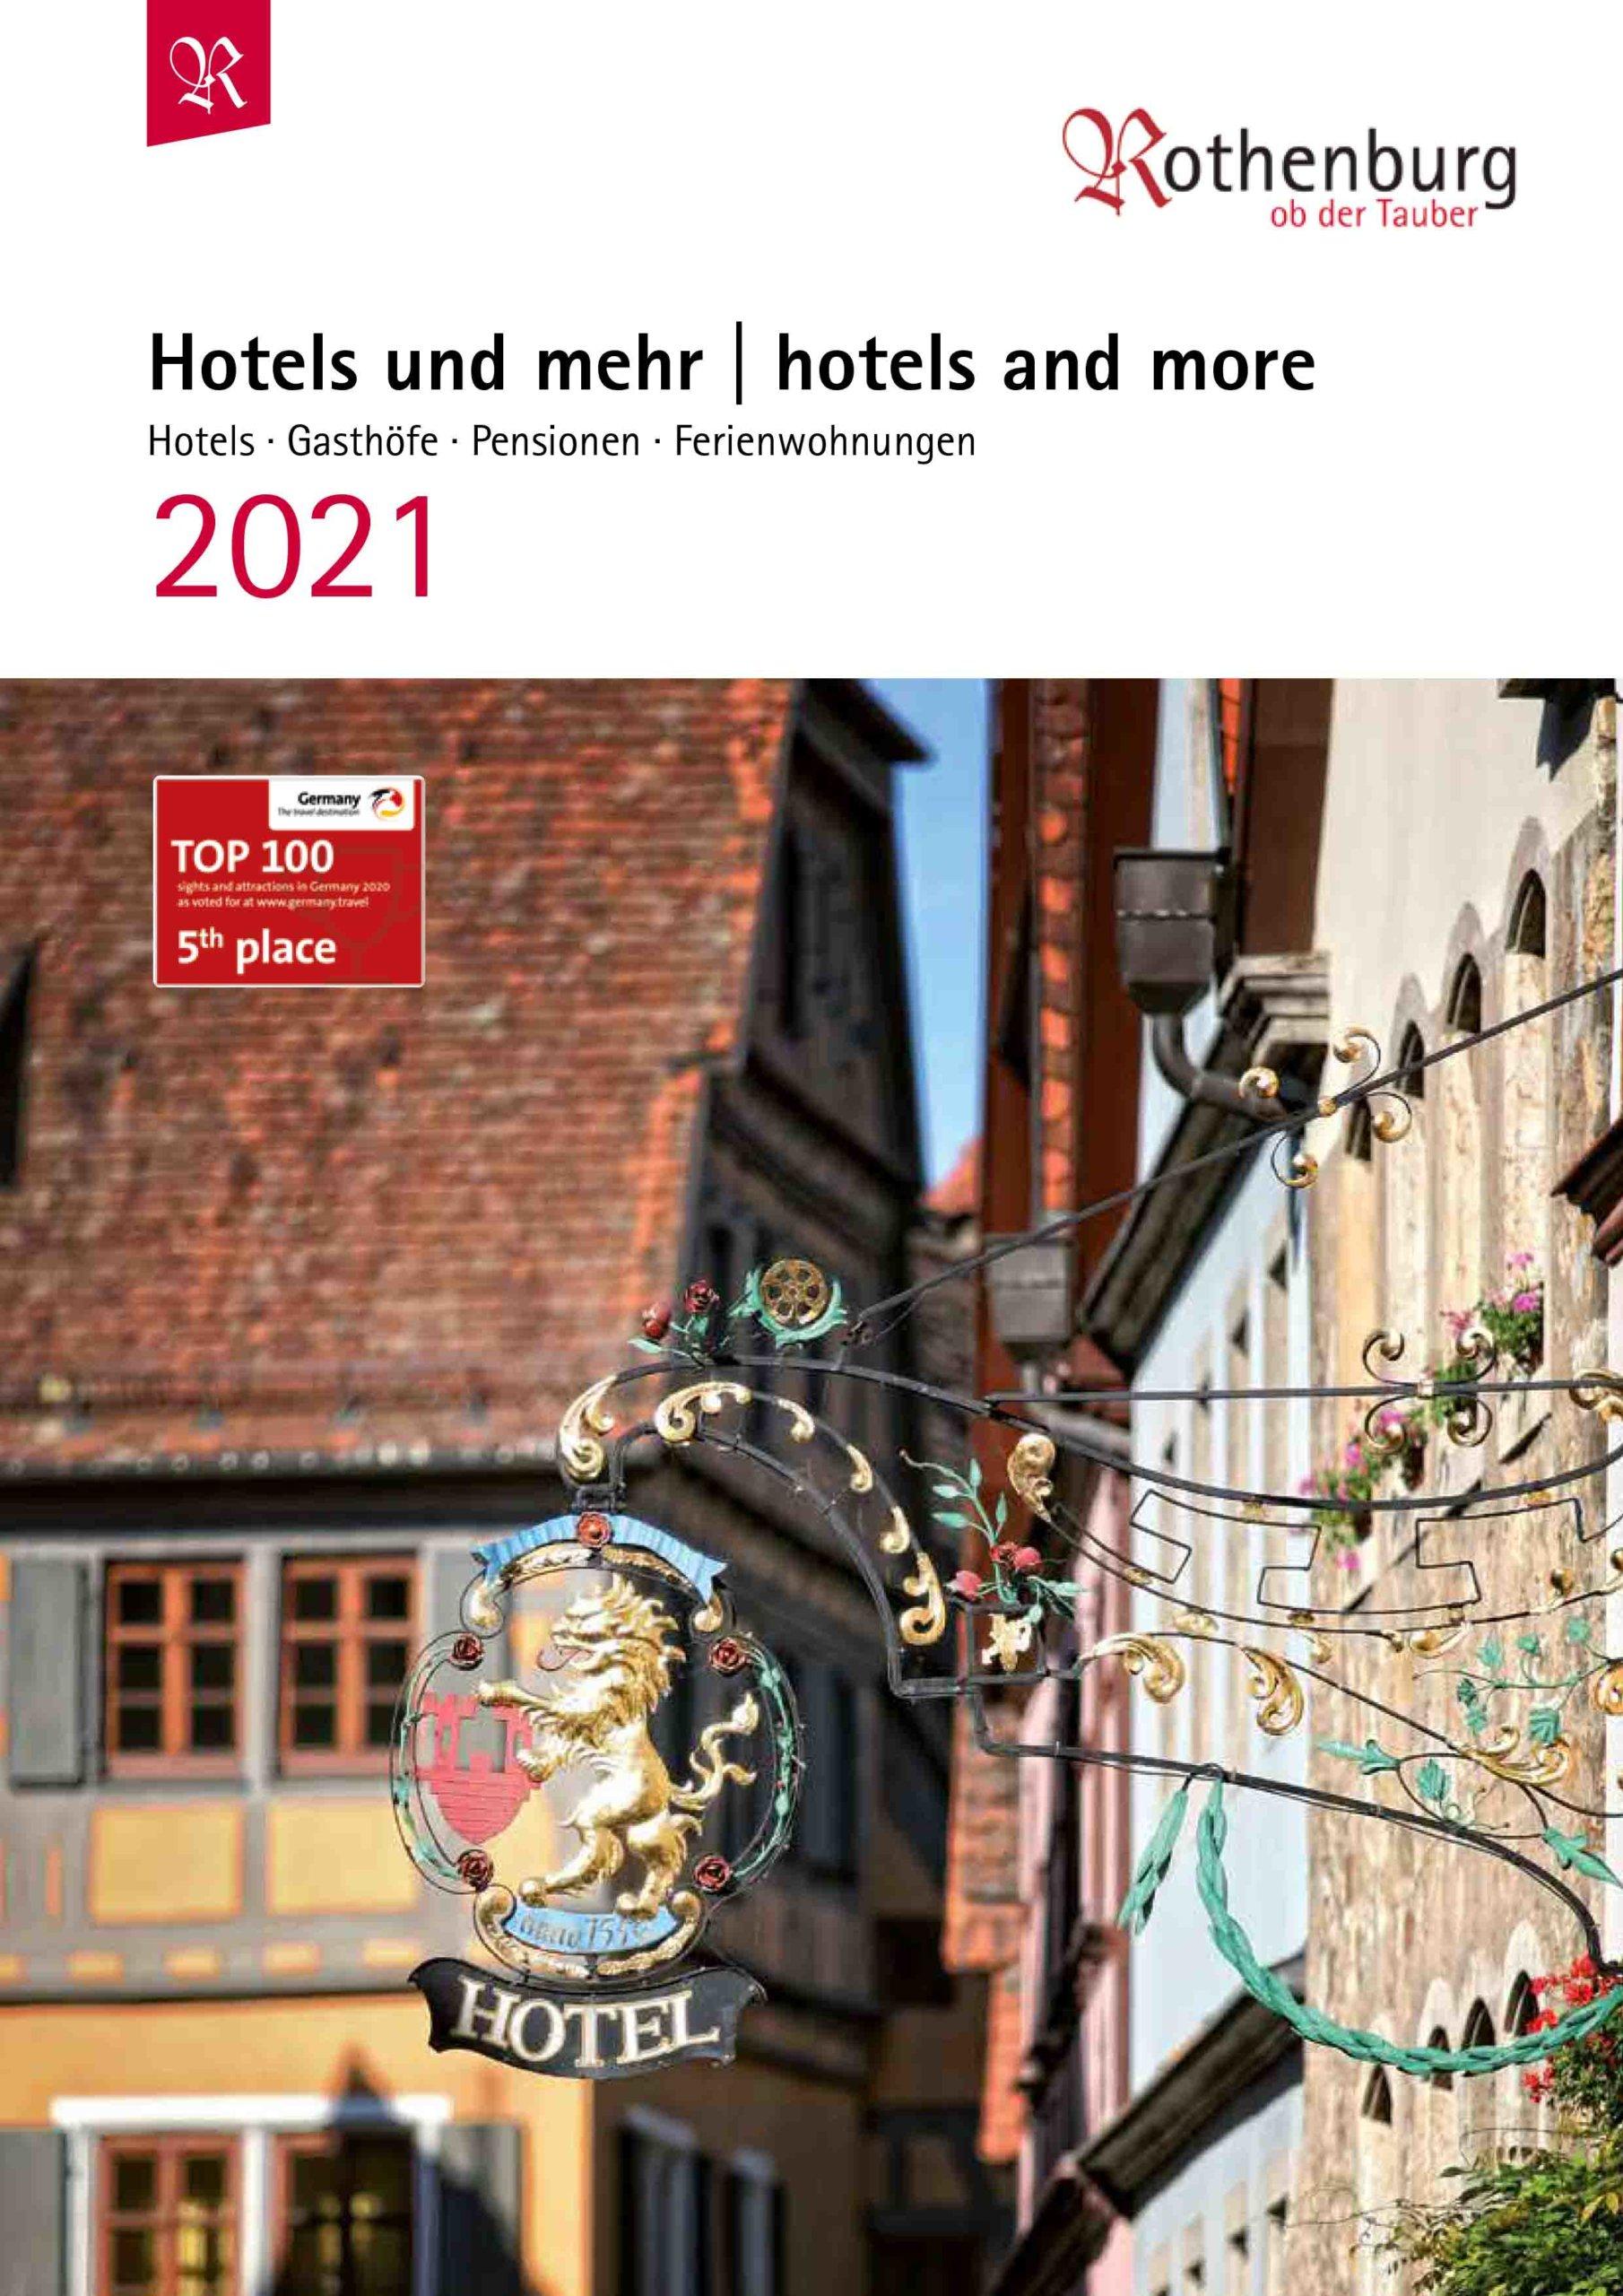 Hotelliste 2021